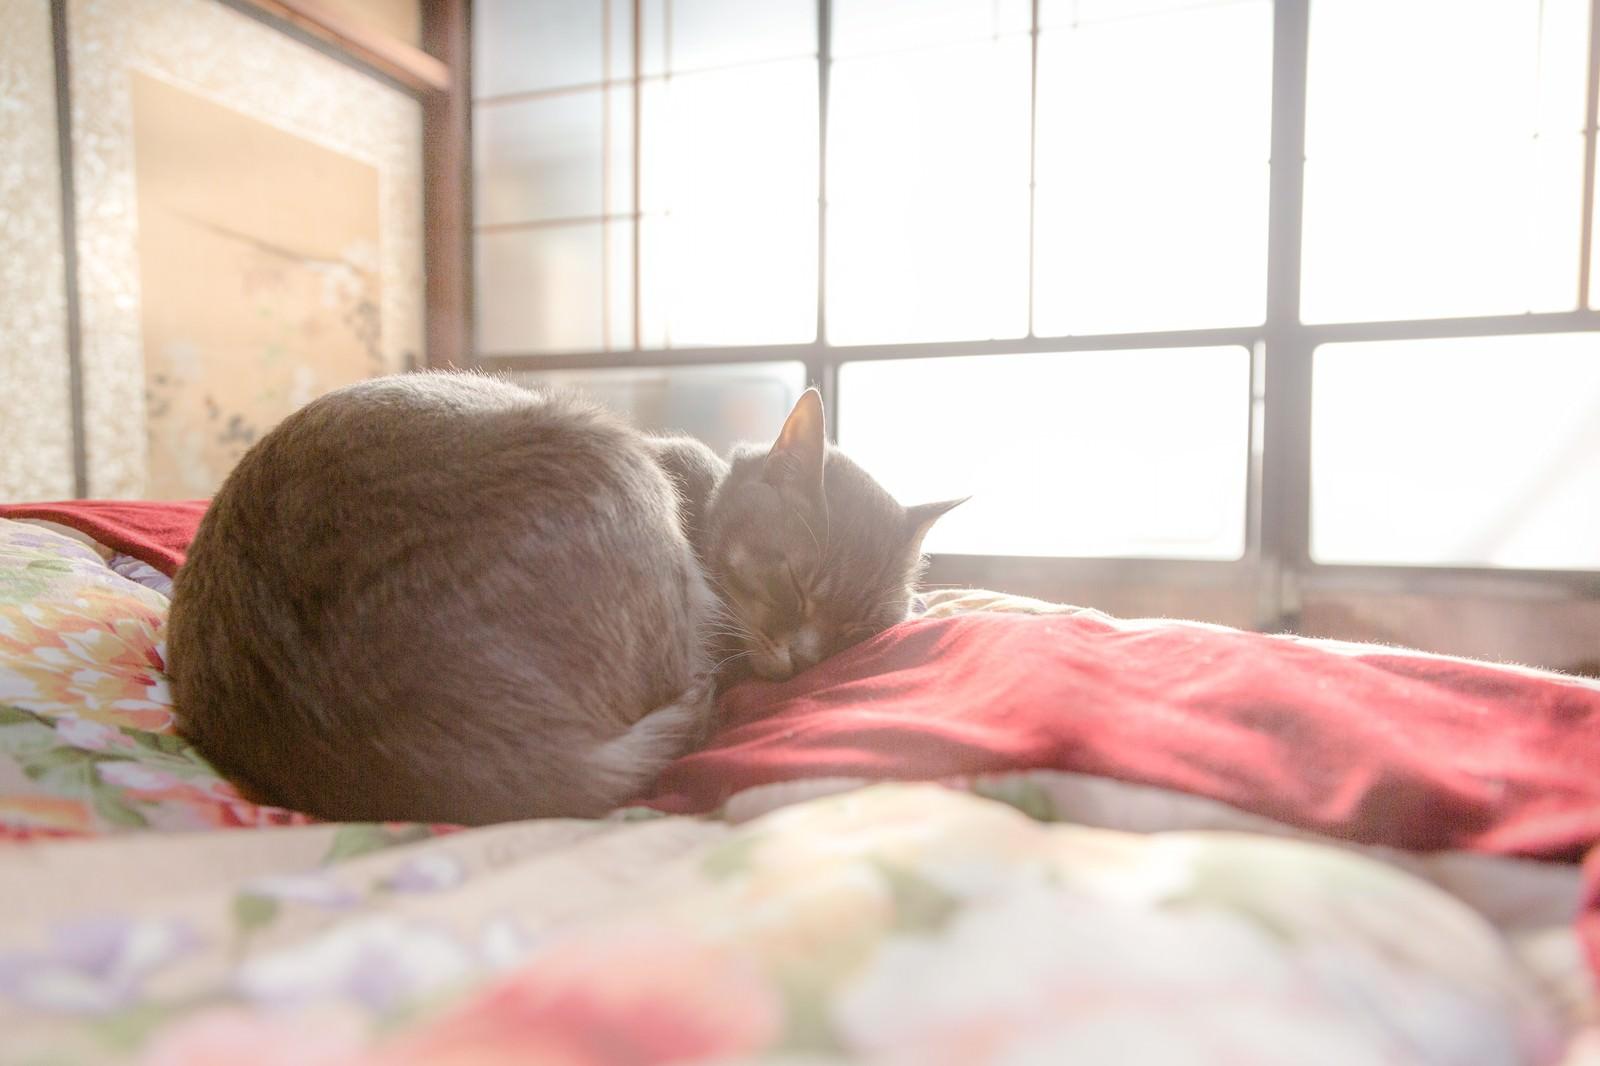 「ひなたぼっこしながら布団の上でスヤスヤ眠る猫」の写真